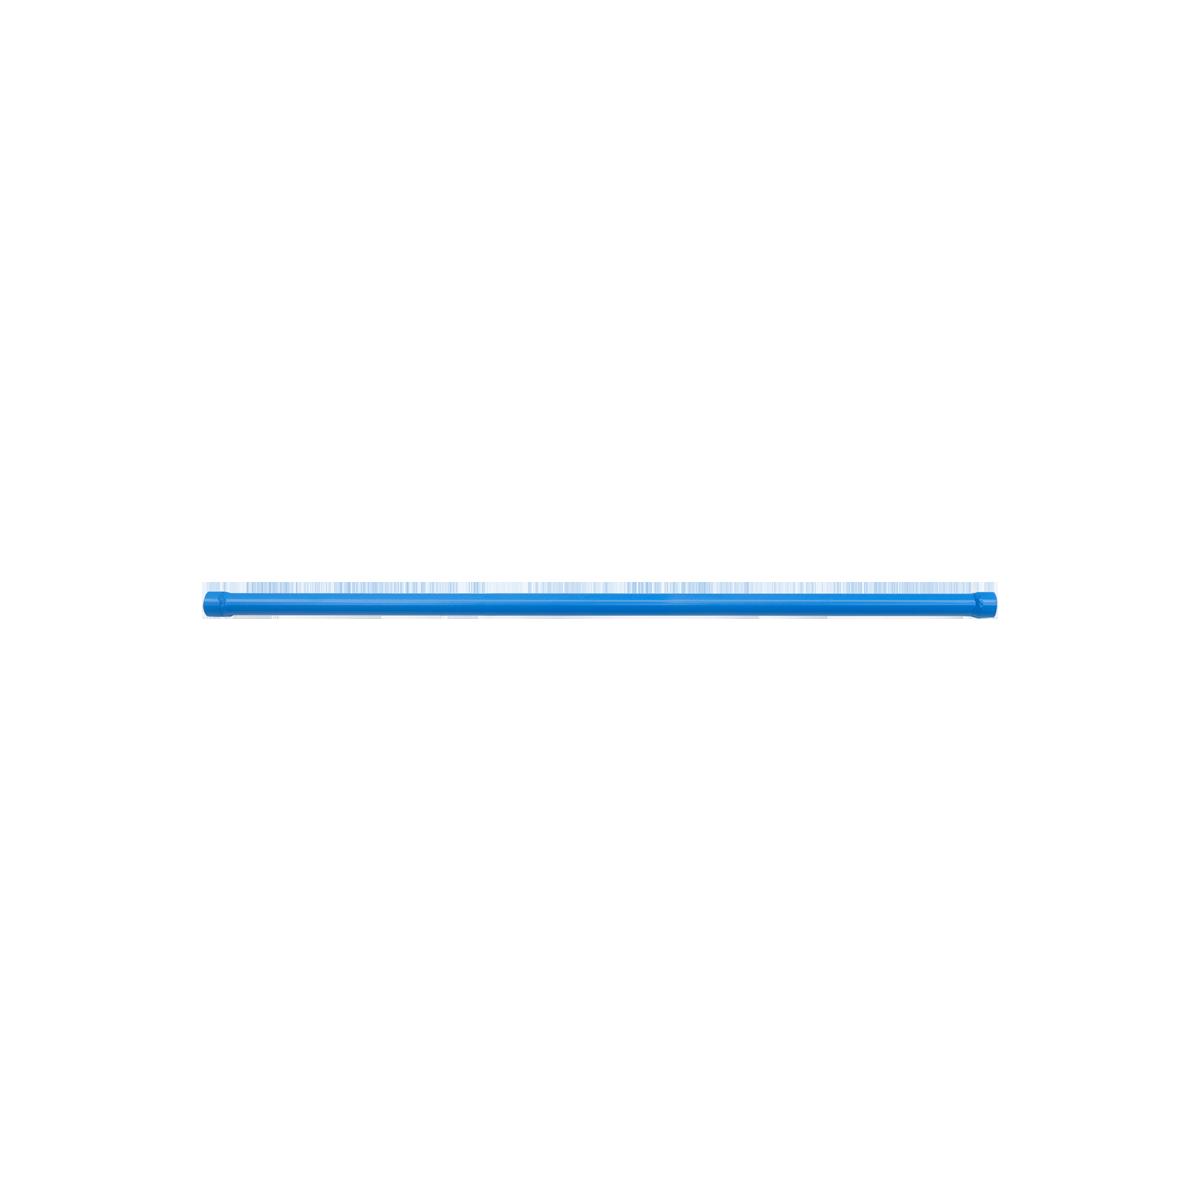 ΣΩΛΗΝΑΣ-ΣΥΝΔΕΣΗΣ_-ΜΟΝΟΖΥΓΟΥ-Φ42--x-1,8-x-1120mm.png